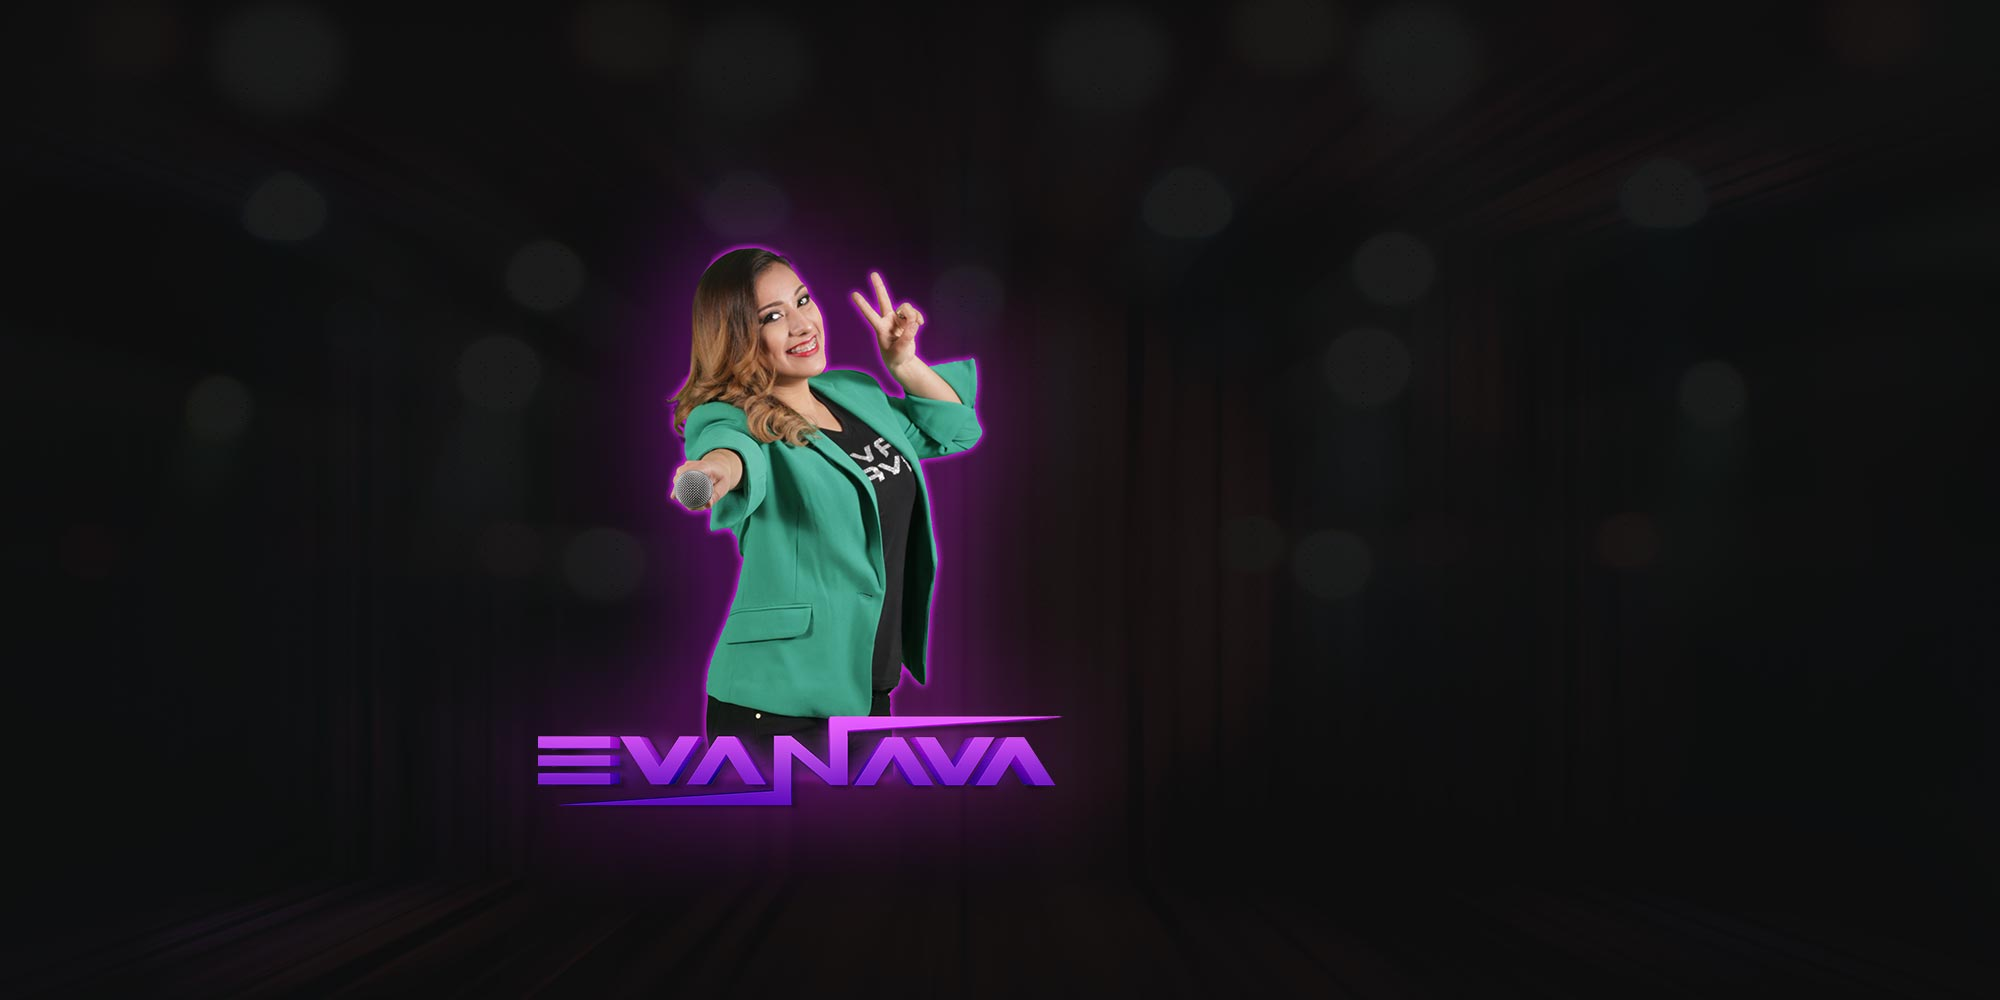 eva-nava-comediante-contrataciones-8444-550-550